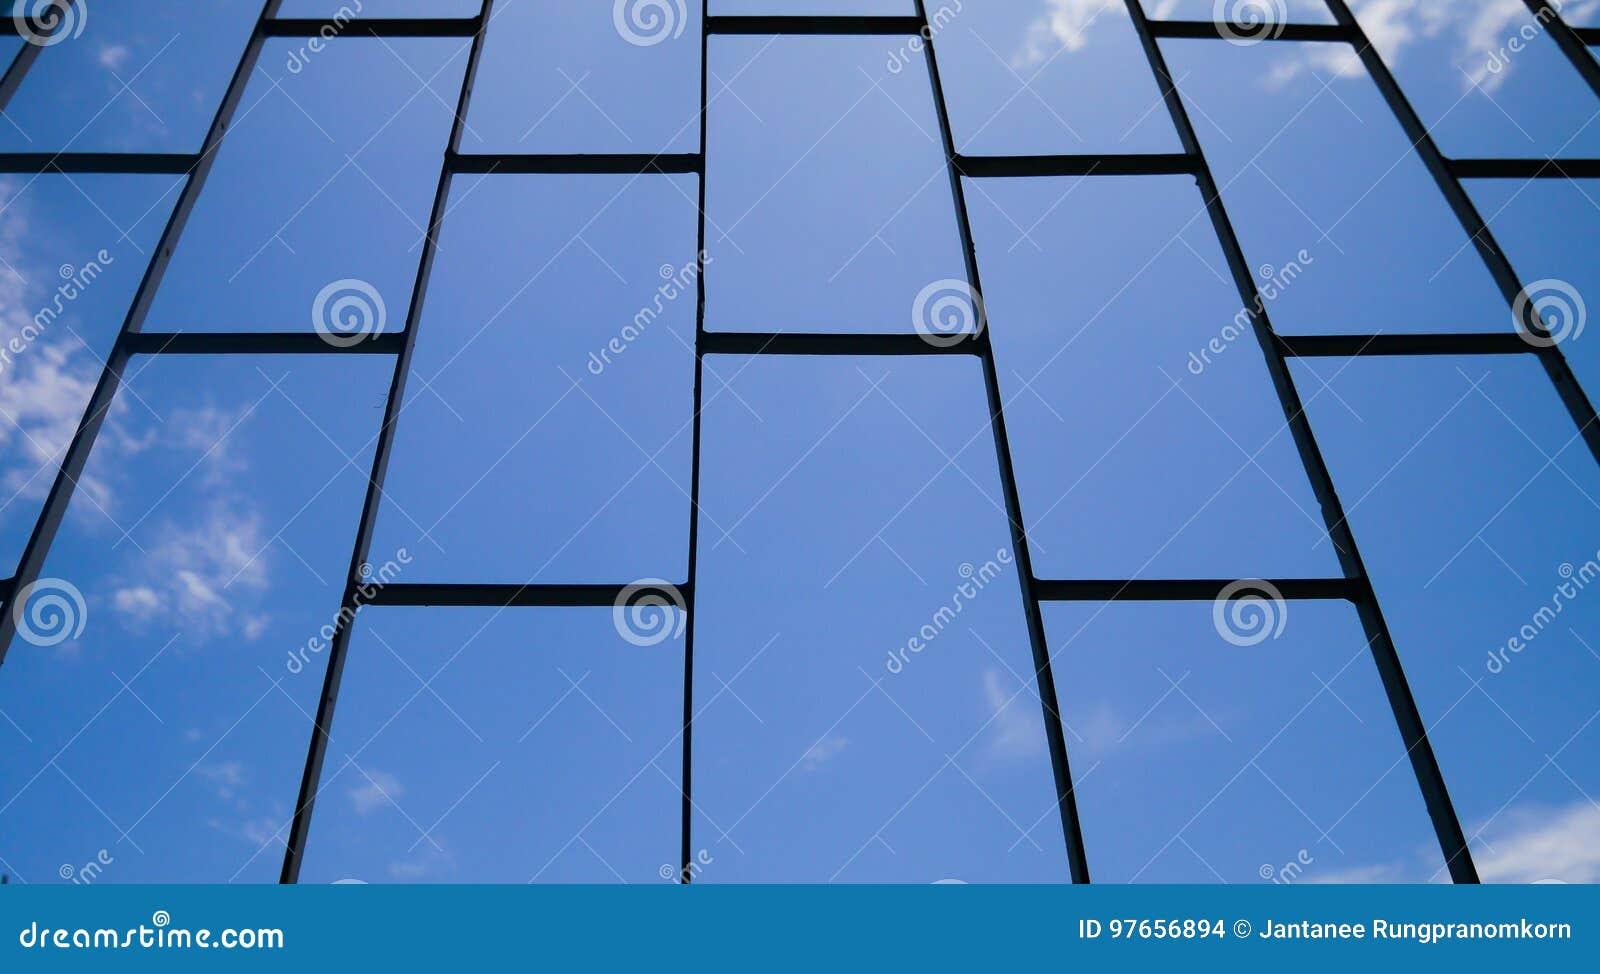 La jaula de acero con el cielo azul, mirada en el cielo de la cárcel, concepto de la cárcel